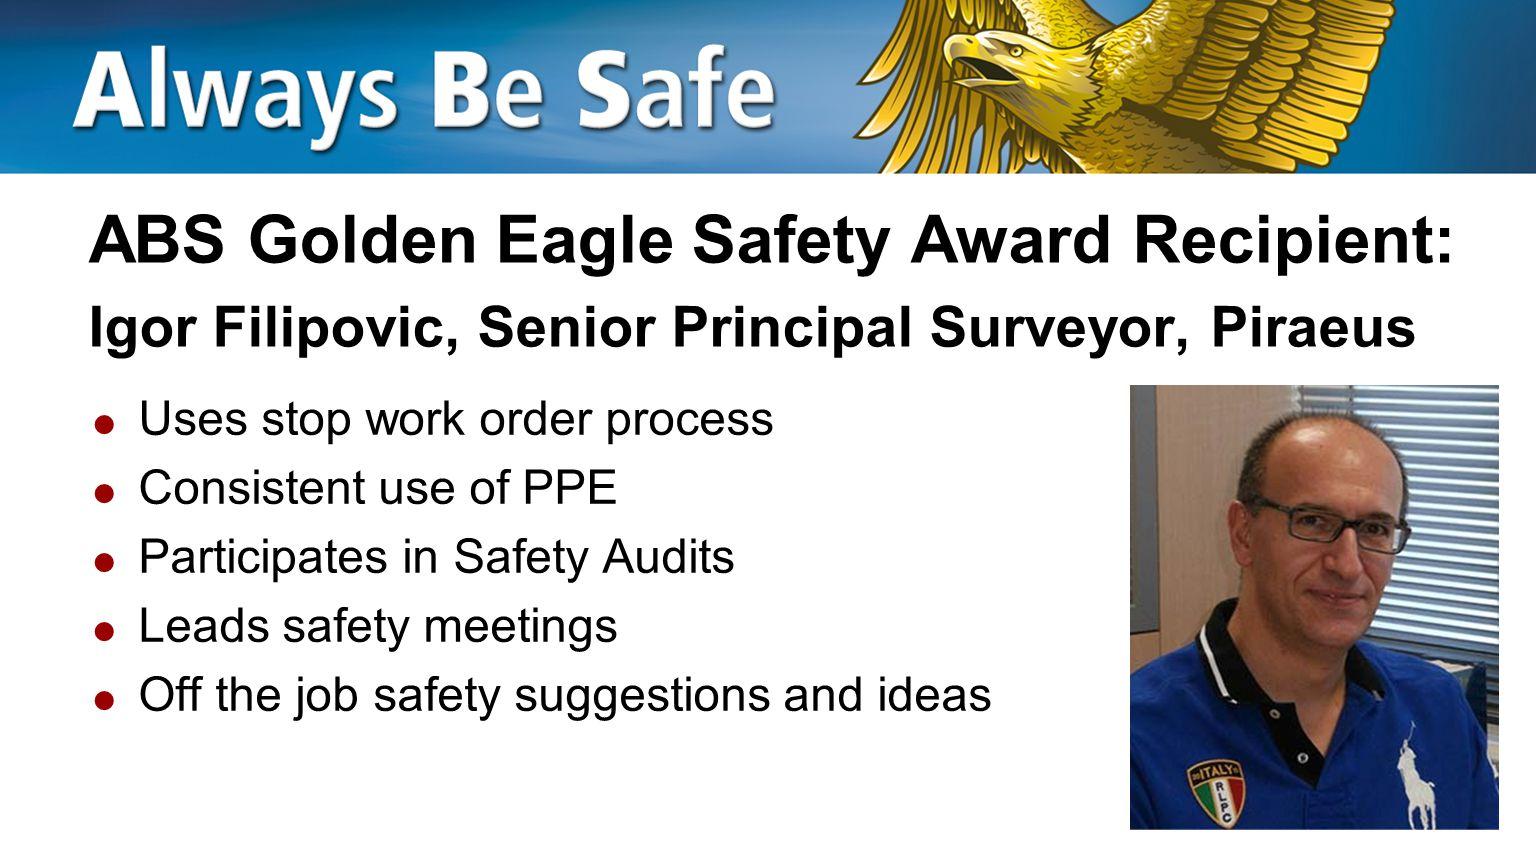 ABS Golden Eagle Safety Award Recipient: Igor Filipovic, Senior Principal Surveyor, Piraeus